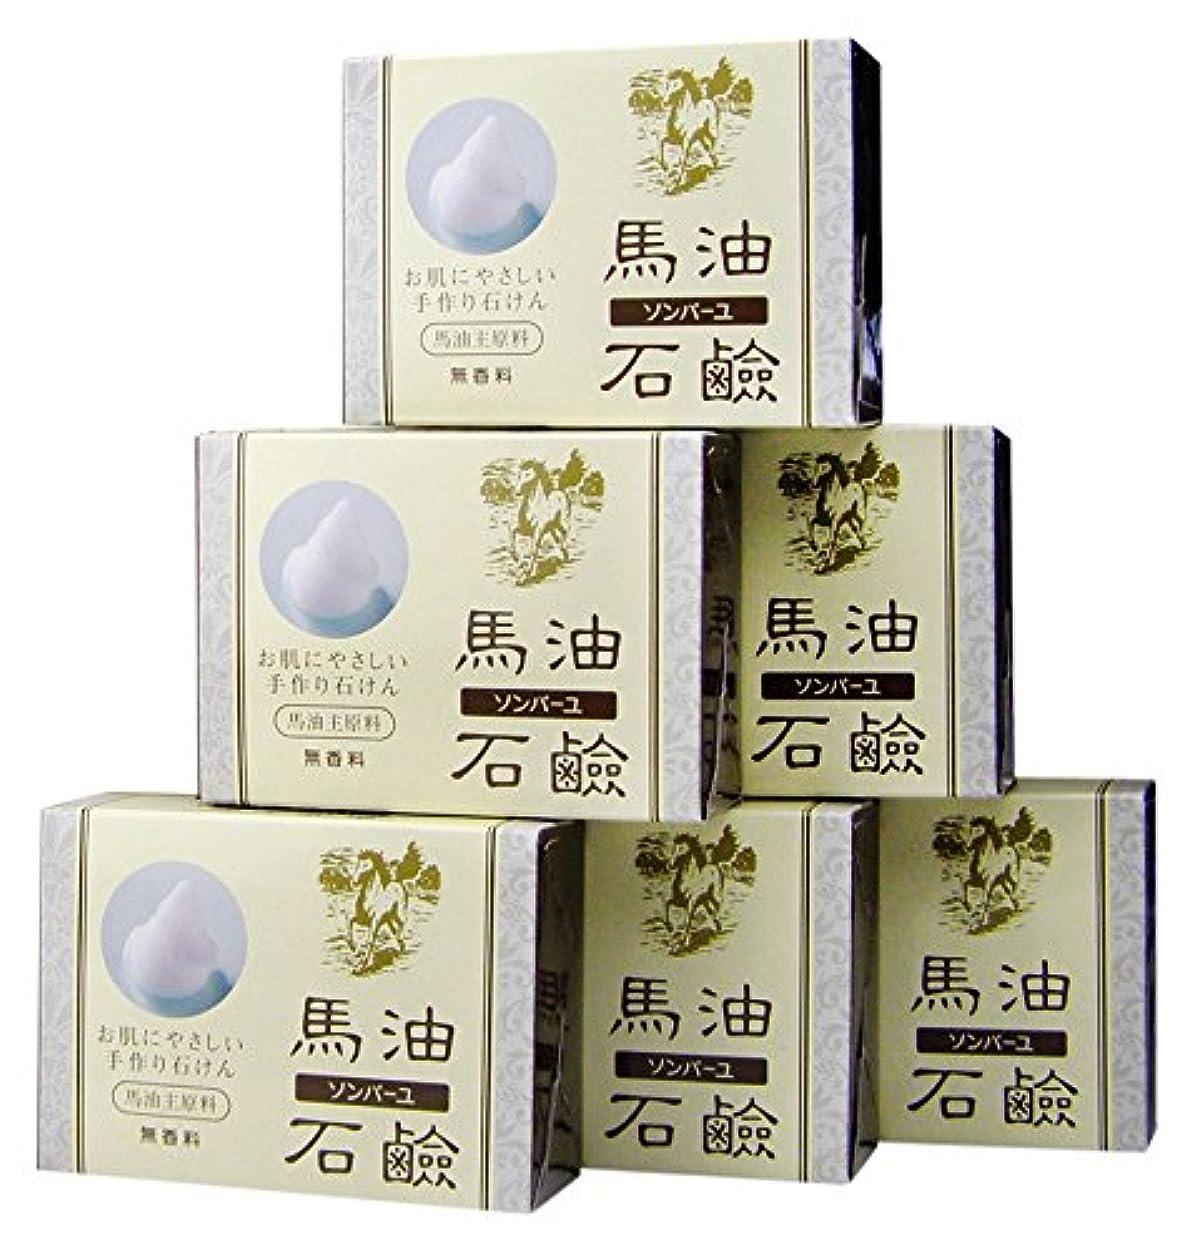 委員長高いソートソンバーユ馬油石鹸(無香料)6個入(85g×6)